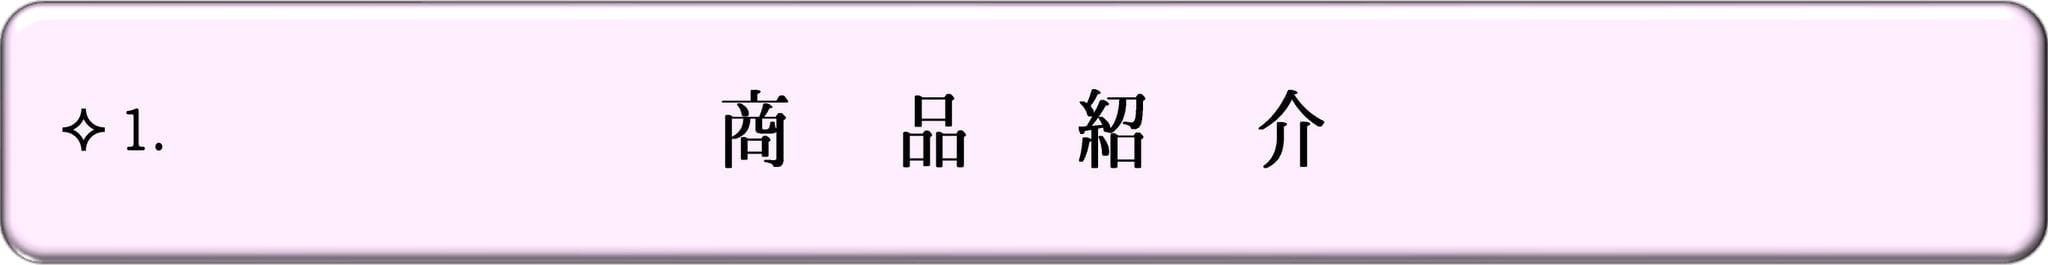 ポロコ掲載 商品紹介